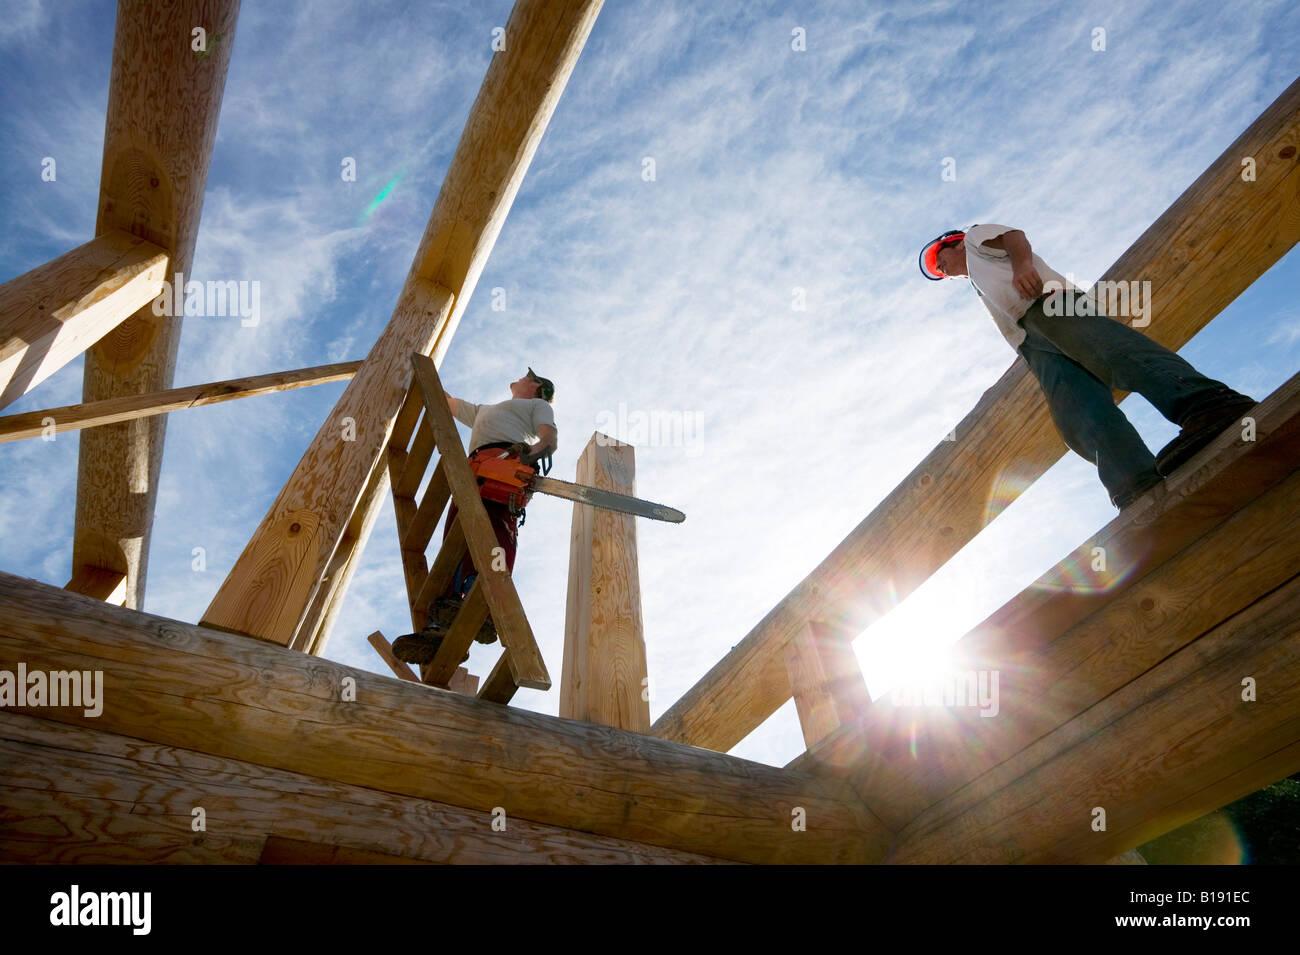 Hand Framing Imágenes De Stock & Hand Framing Fotos De Stock - Alamy